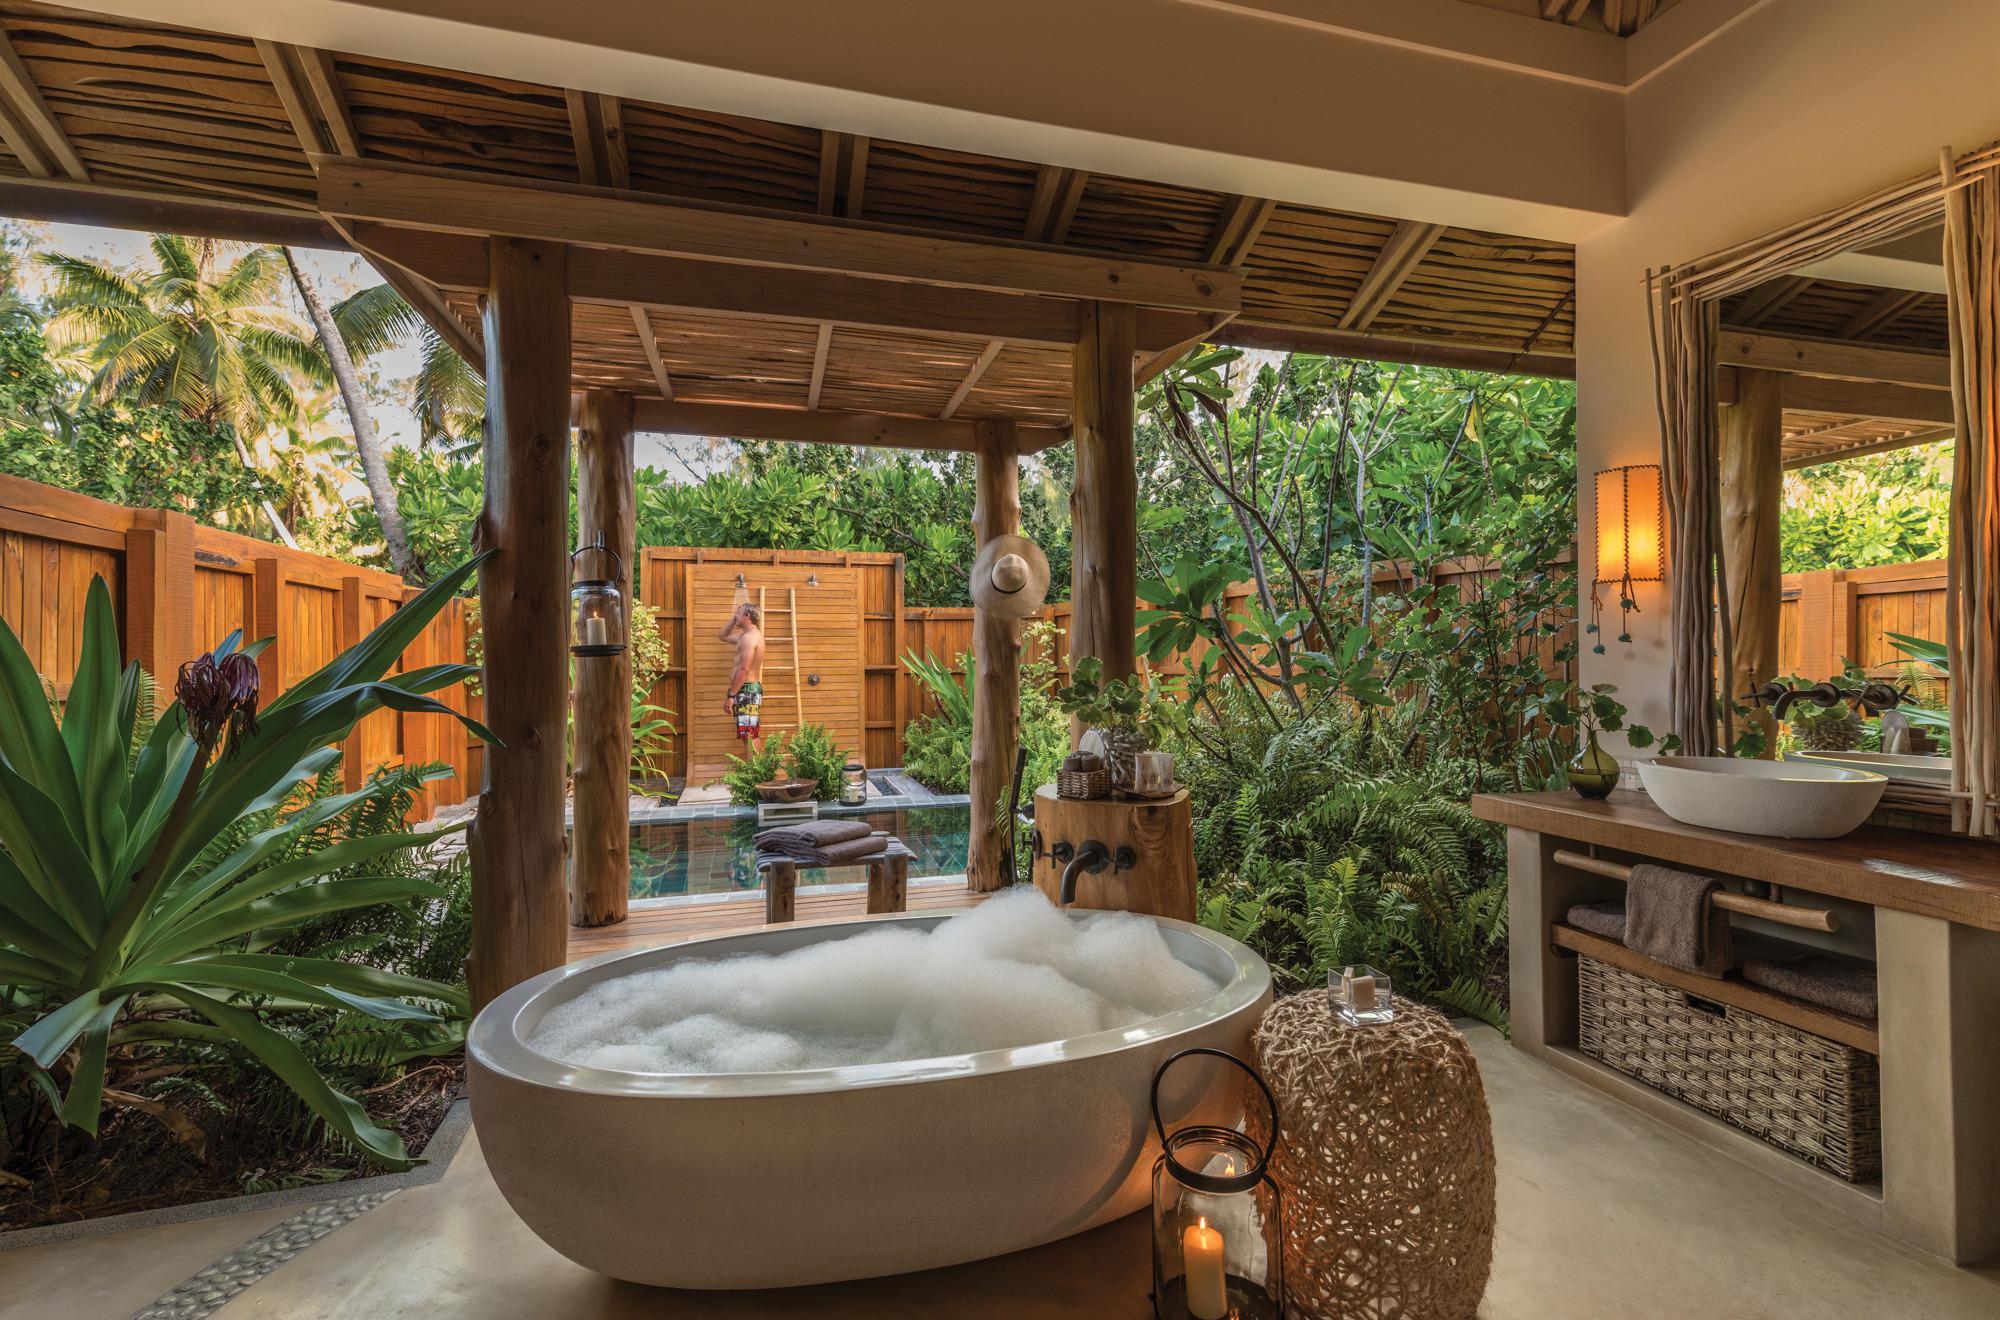 5 Fresh Design Ideas For An Outdoor Shower